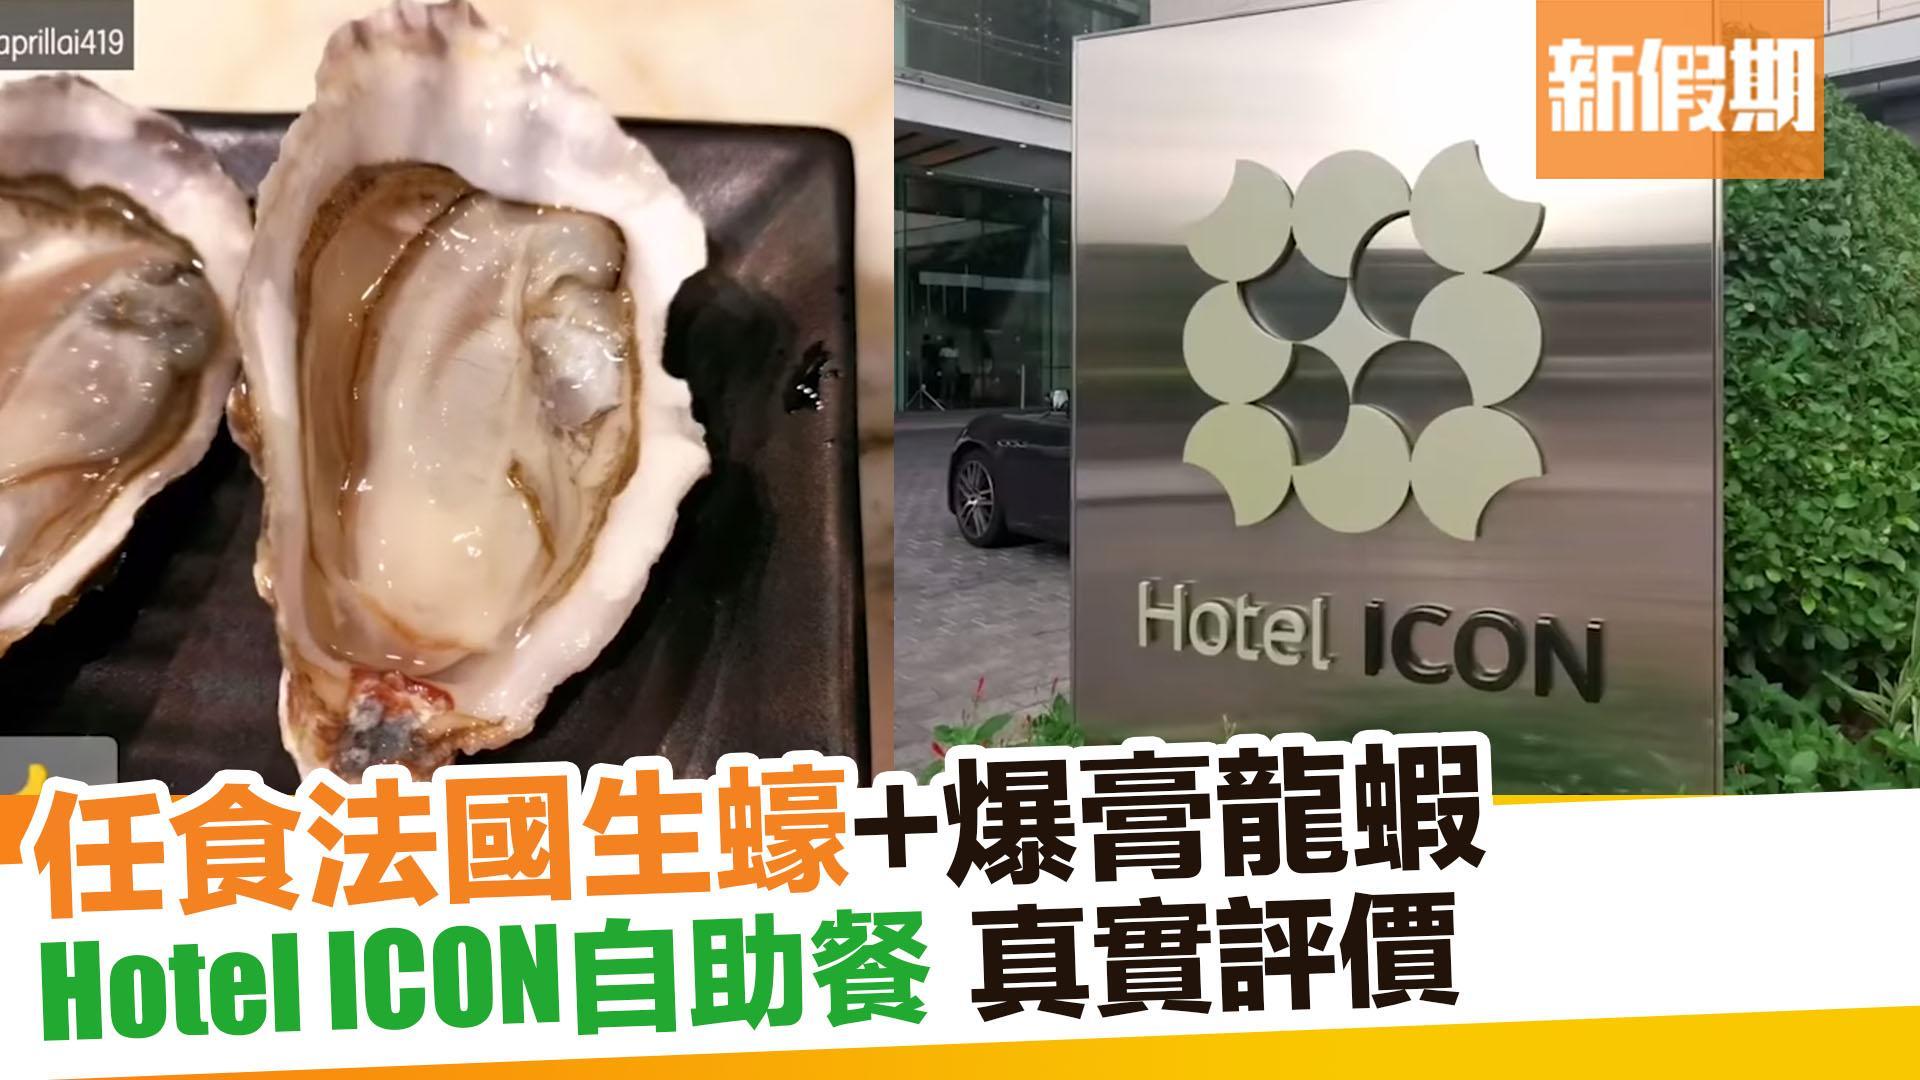 【放蛇試食】Hotel ICON 自助餐 任食法國生蠔+爆膏龍蝦 新假期